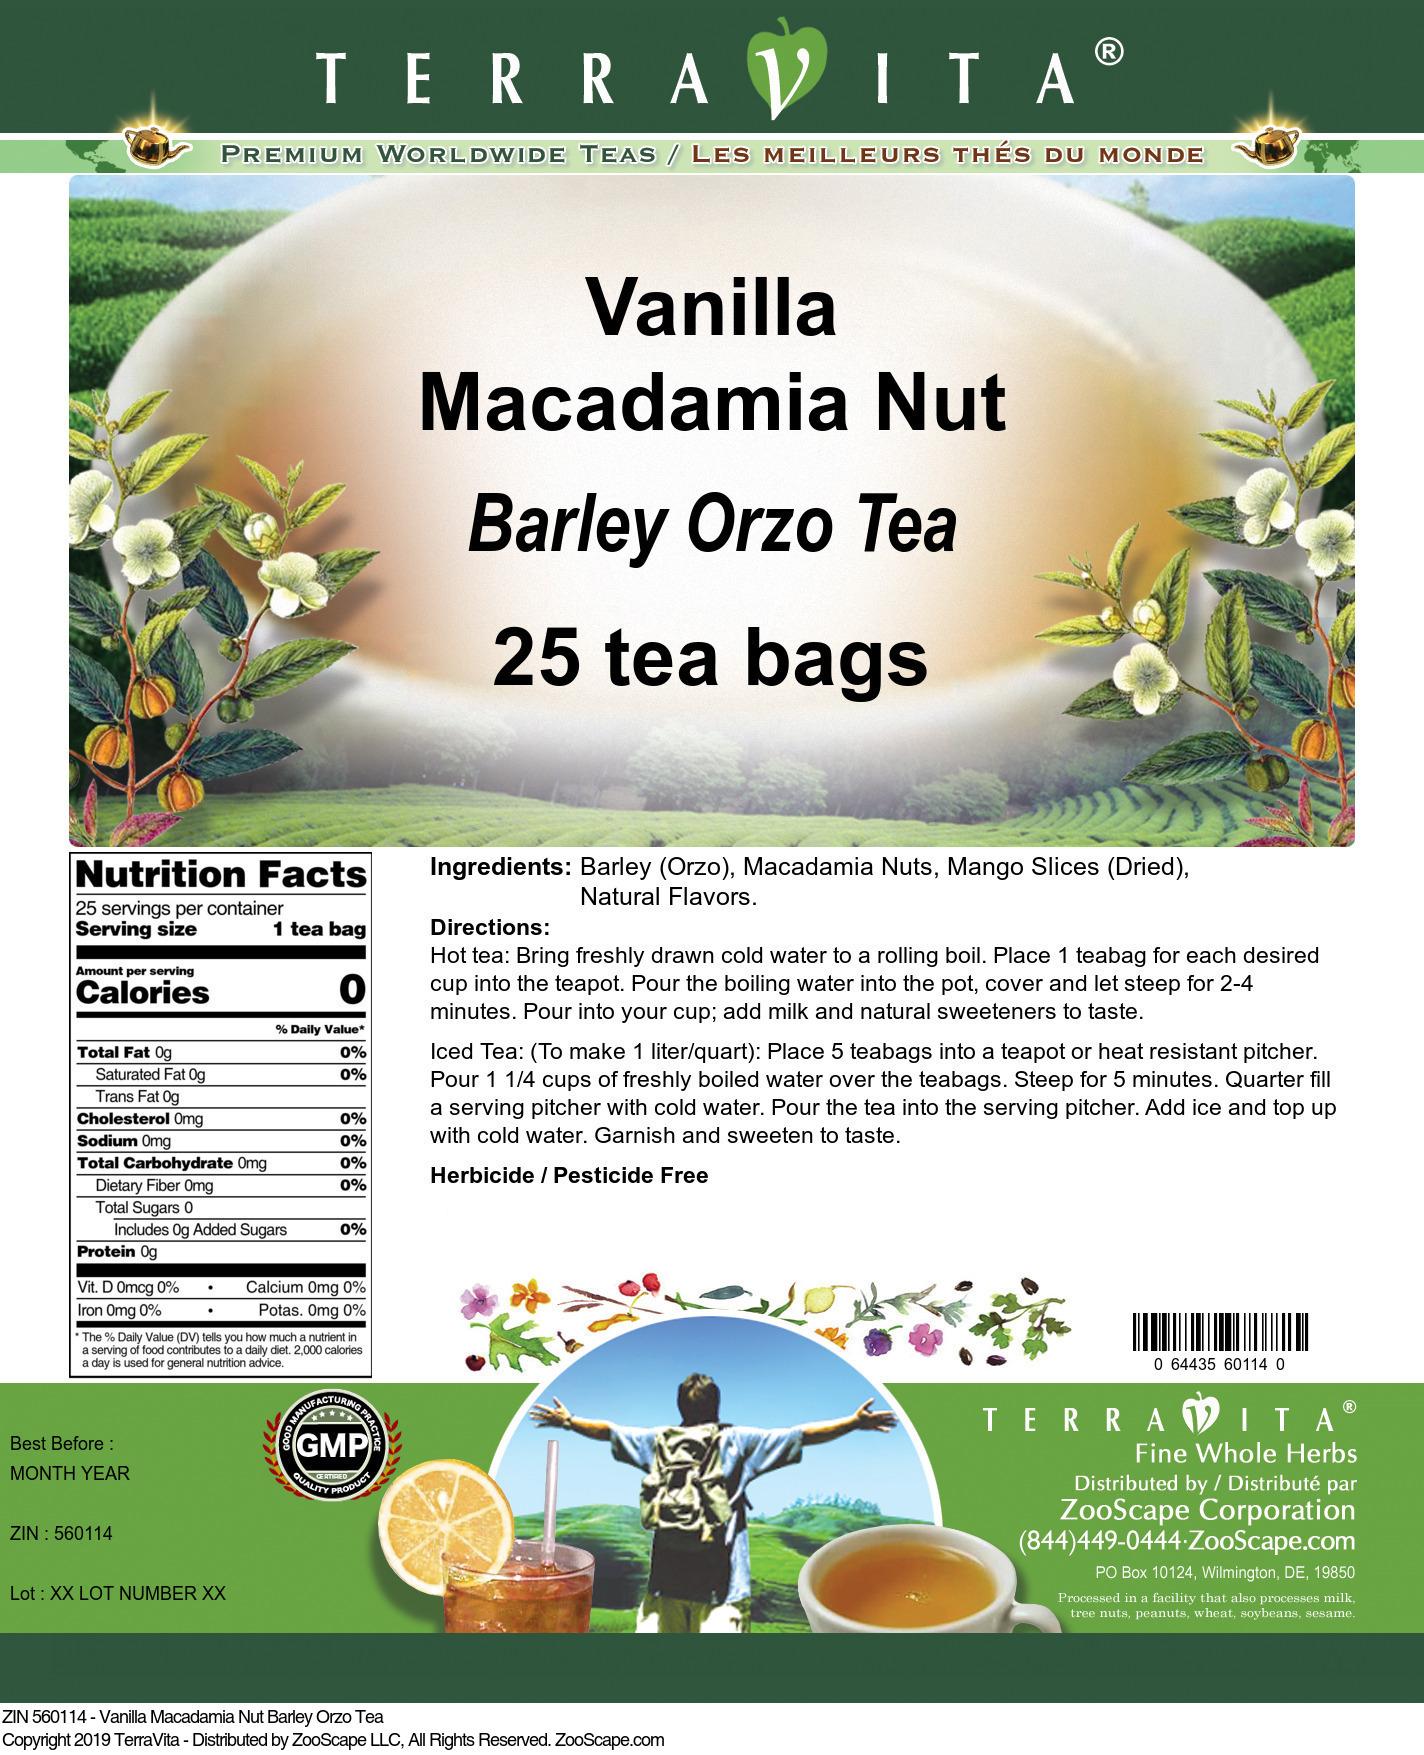 Vanilla Macadamia Nut Barley Orzo Tea